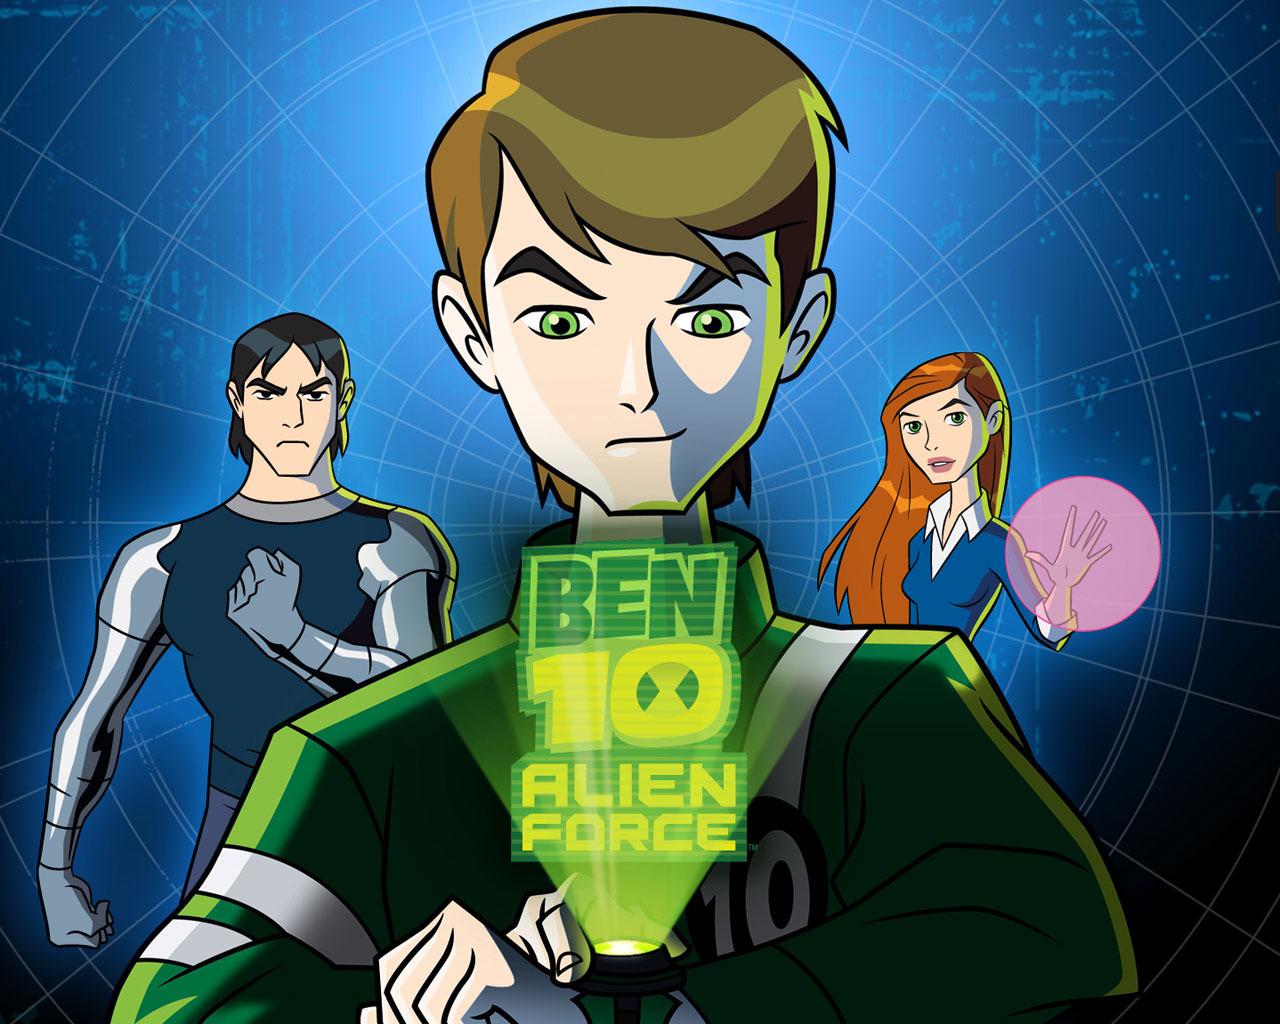 Ben10 Alien Force بن تن اليين فورس مدبلج وكامل